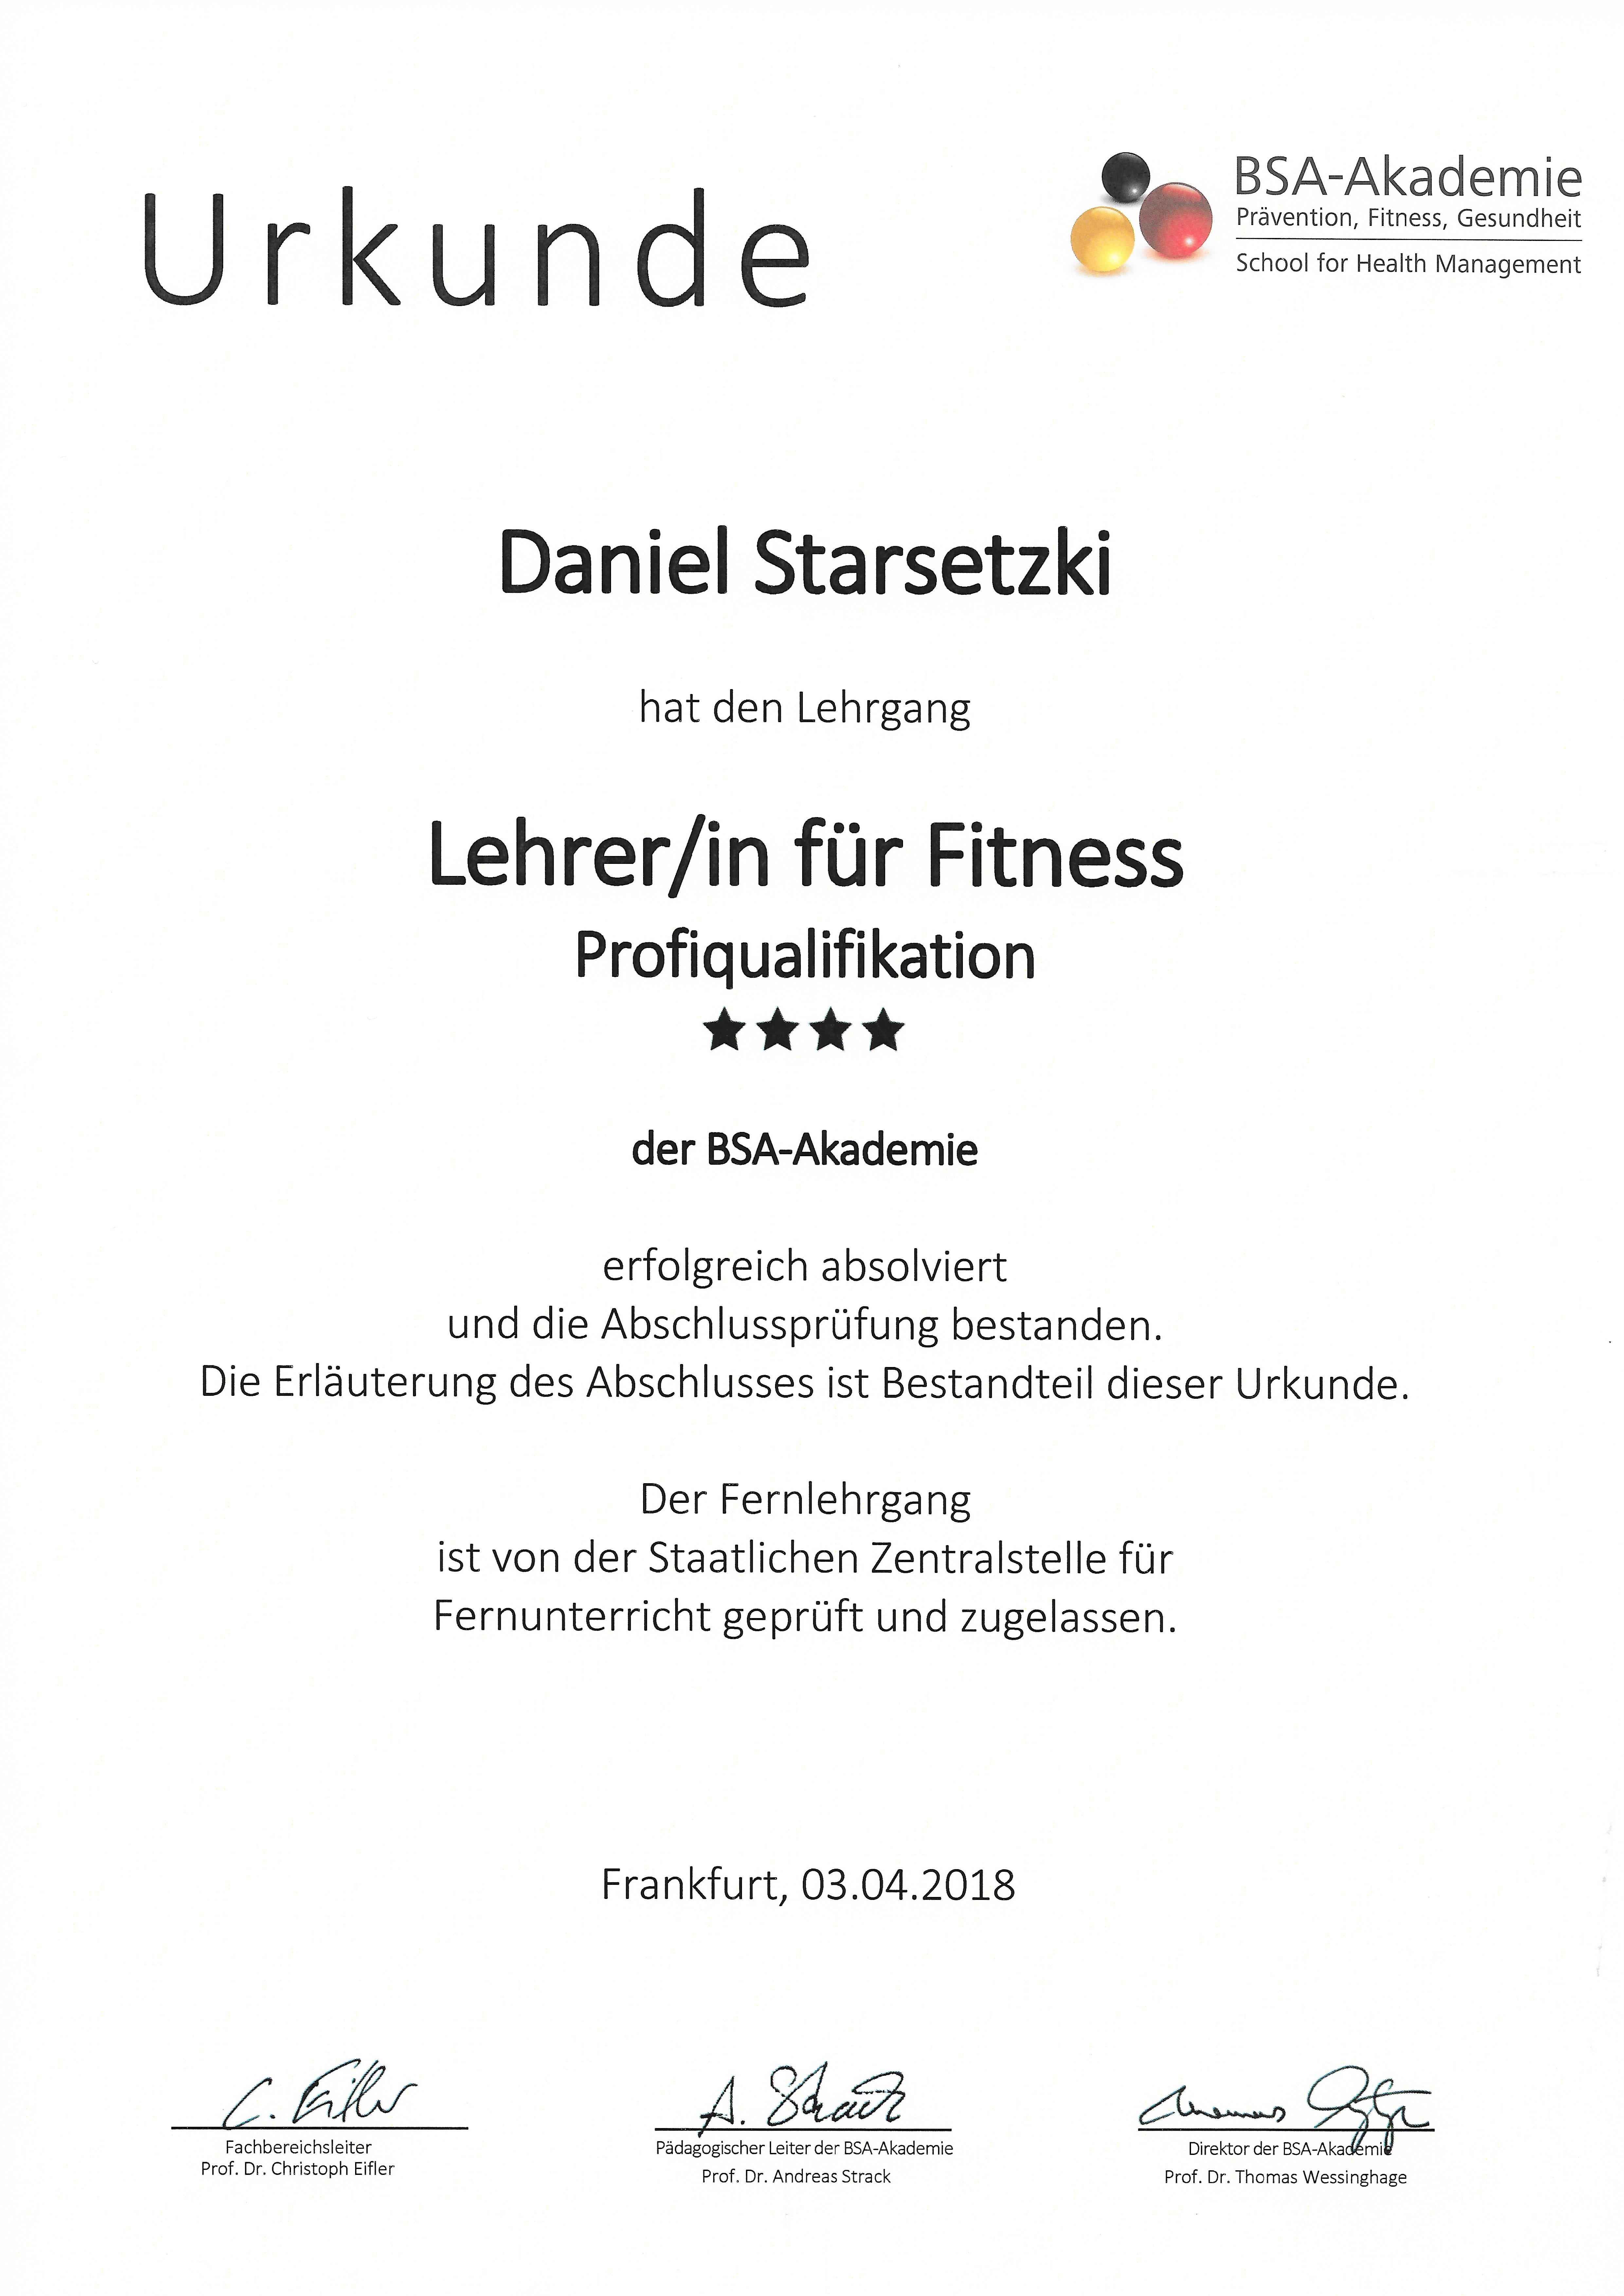 Lehrer/in für Fitness